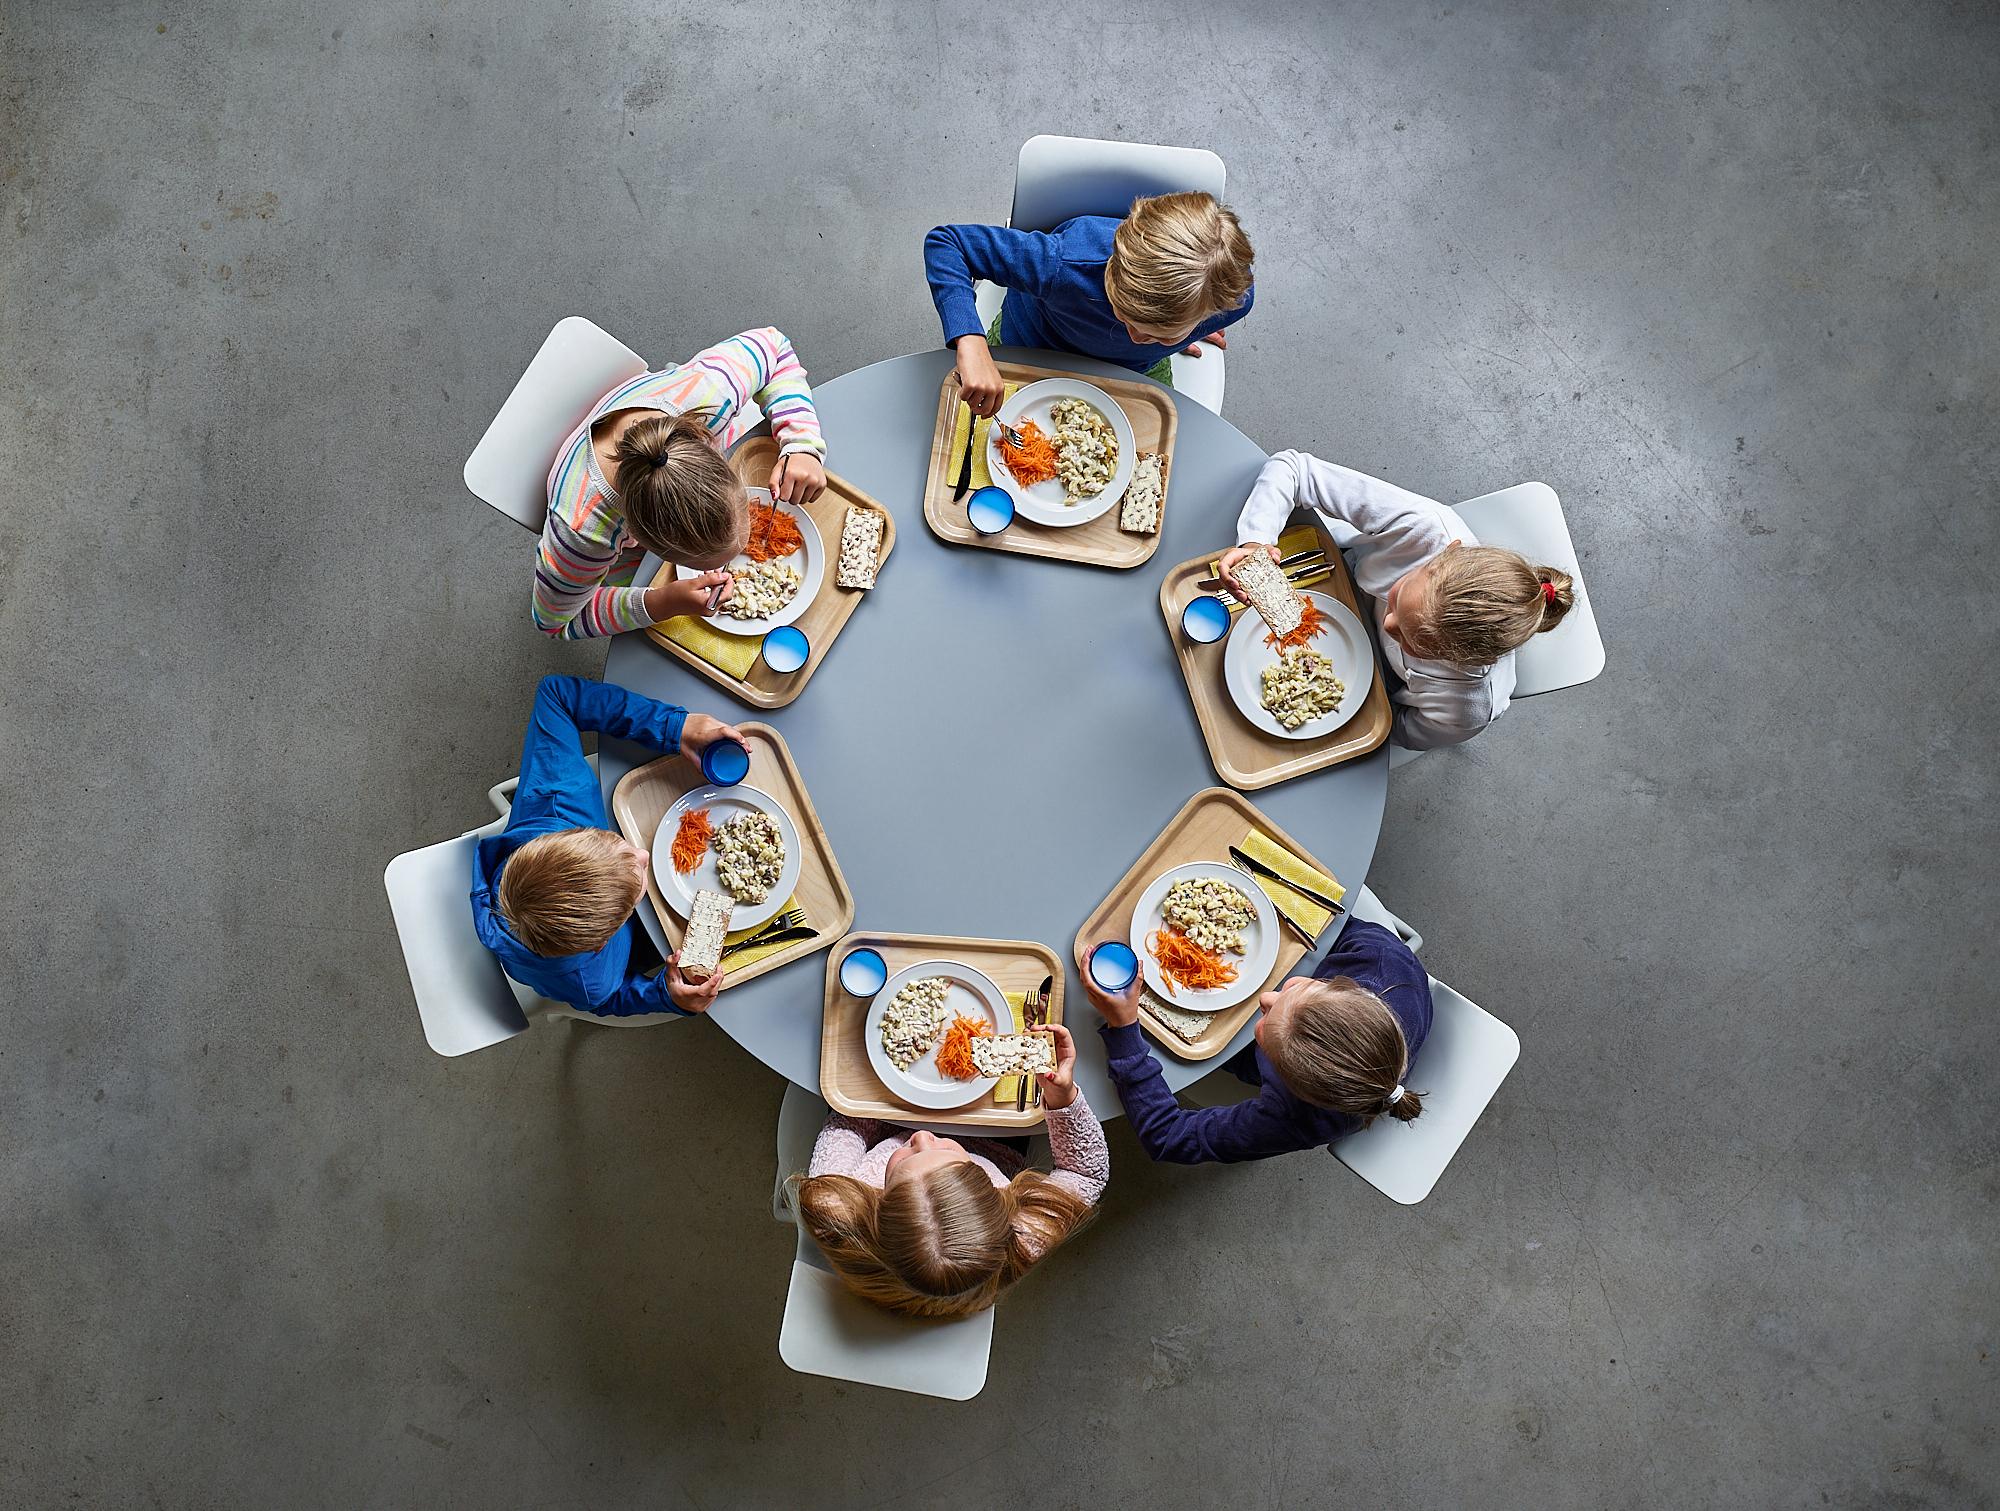 Dieta_brandimage_dining1